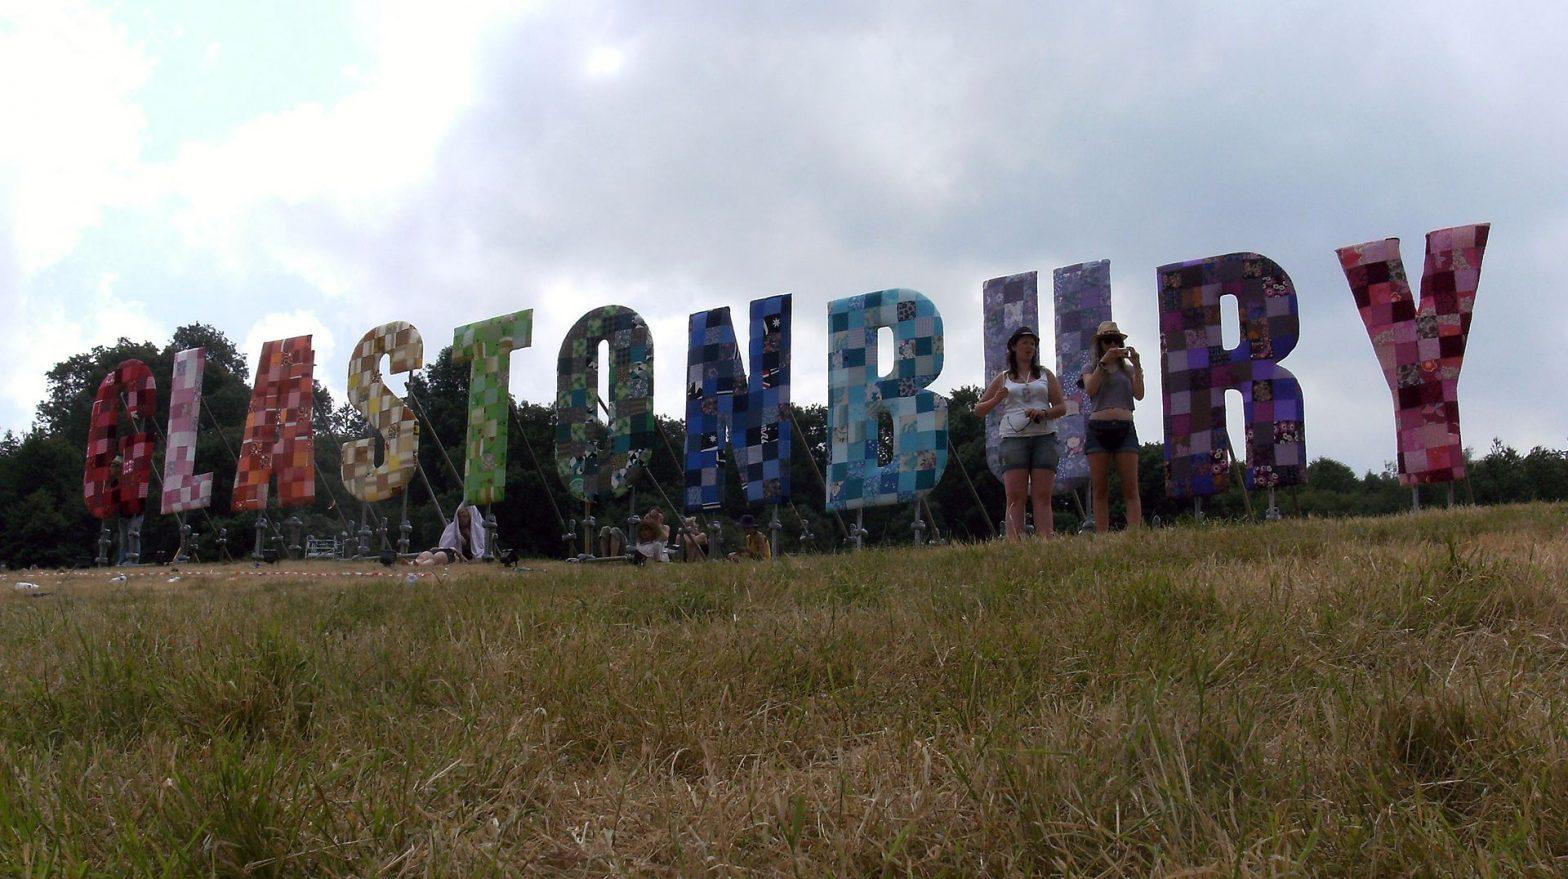 Festivals populaires : Glastonbury